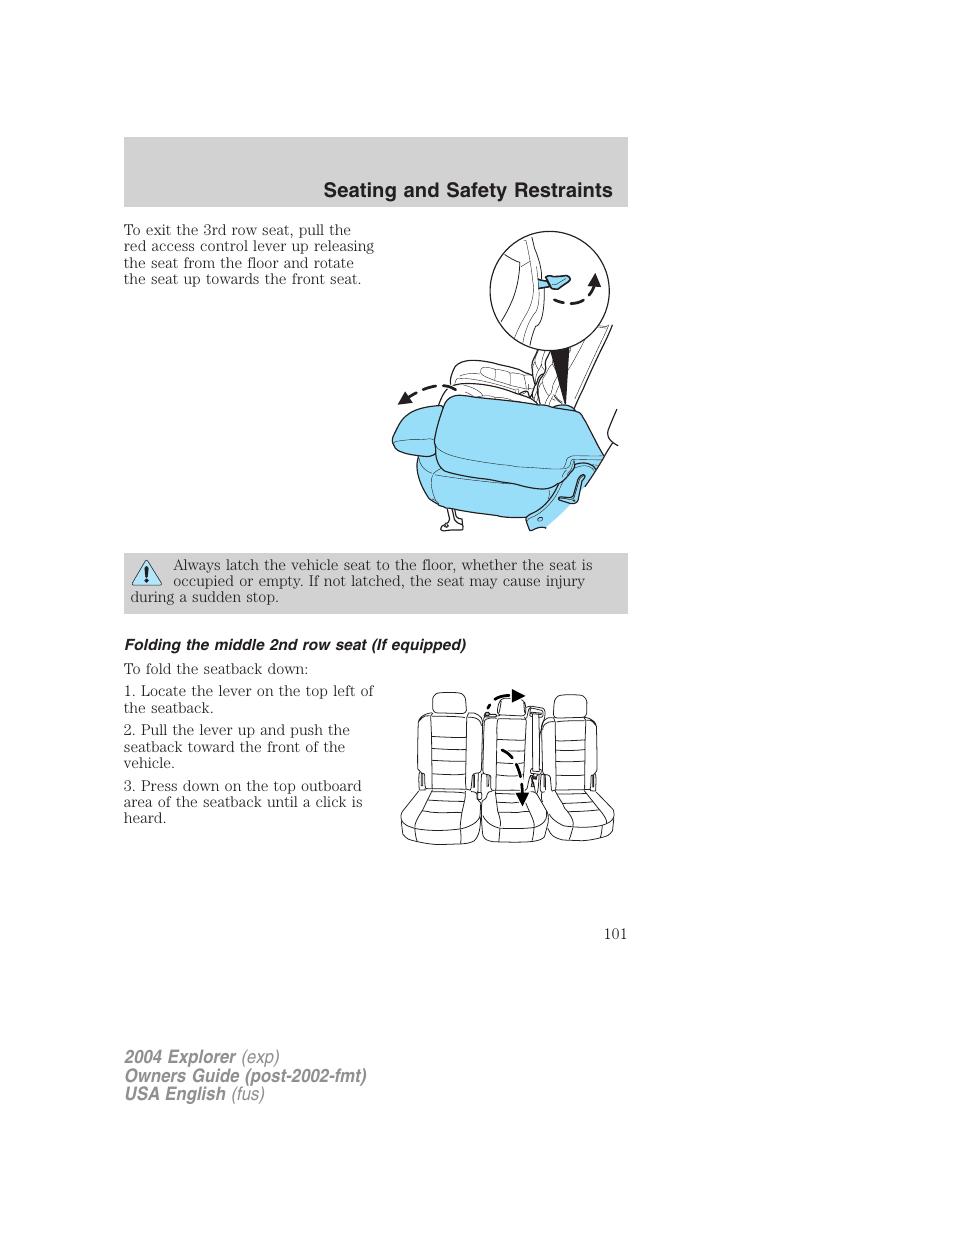 Wiring Diagram For Monarch 1100d 2 Stage Pump Schematics C100 Cummins D6r Manual Ebook Rh Zettadata Solutions